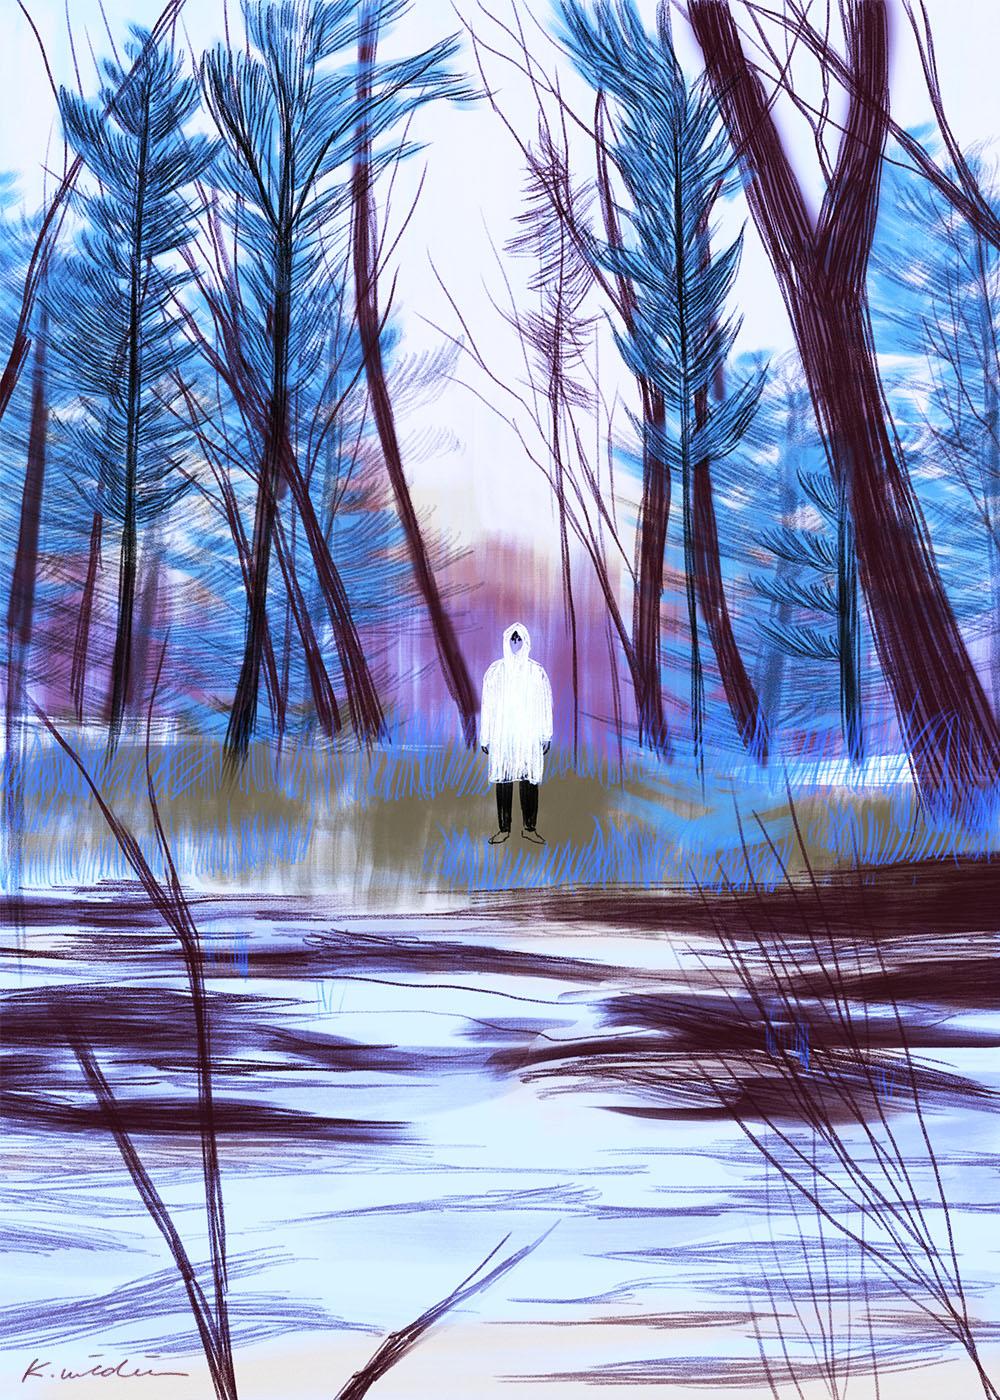 イラストレーション 風景 森 冬 ミステリー